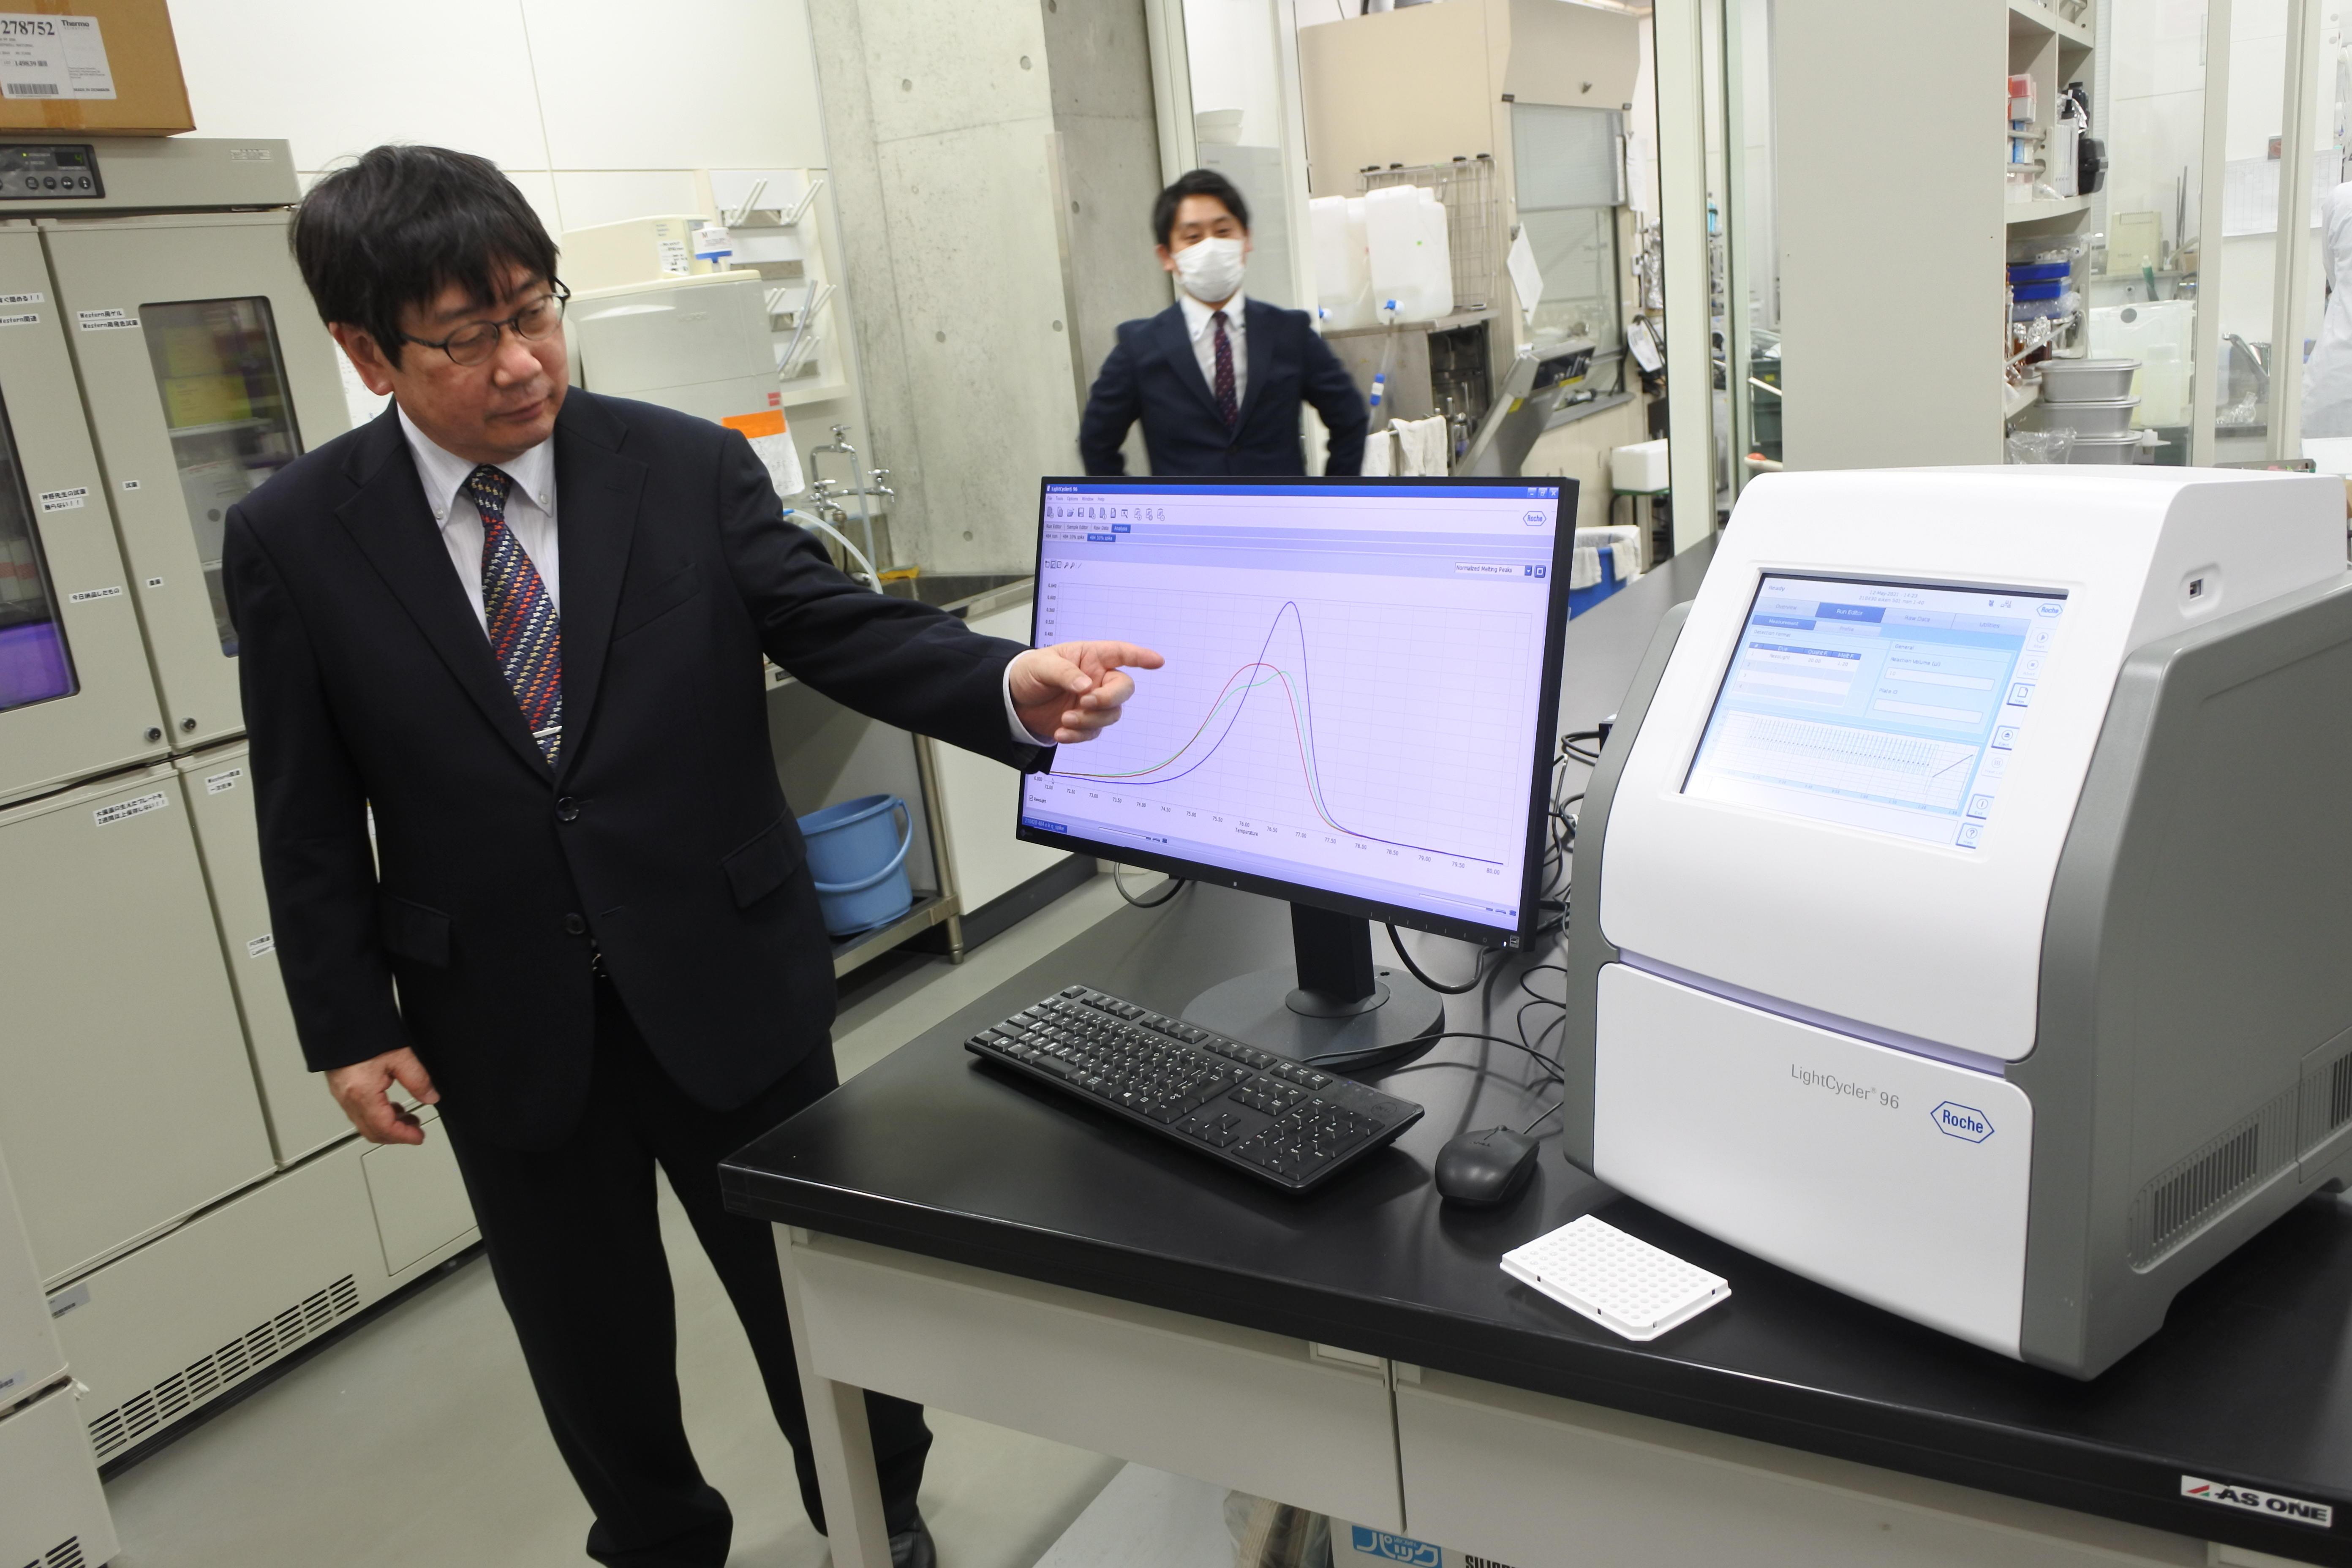 パソコン画面の融解曲線の違いを示す神野透人教授。薬学部衛生化学研究室のPCR検査装置(右)